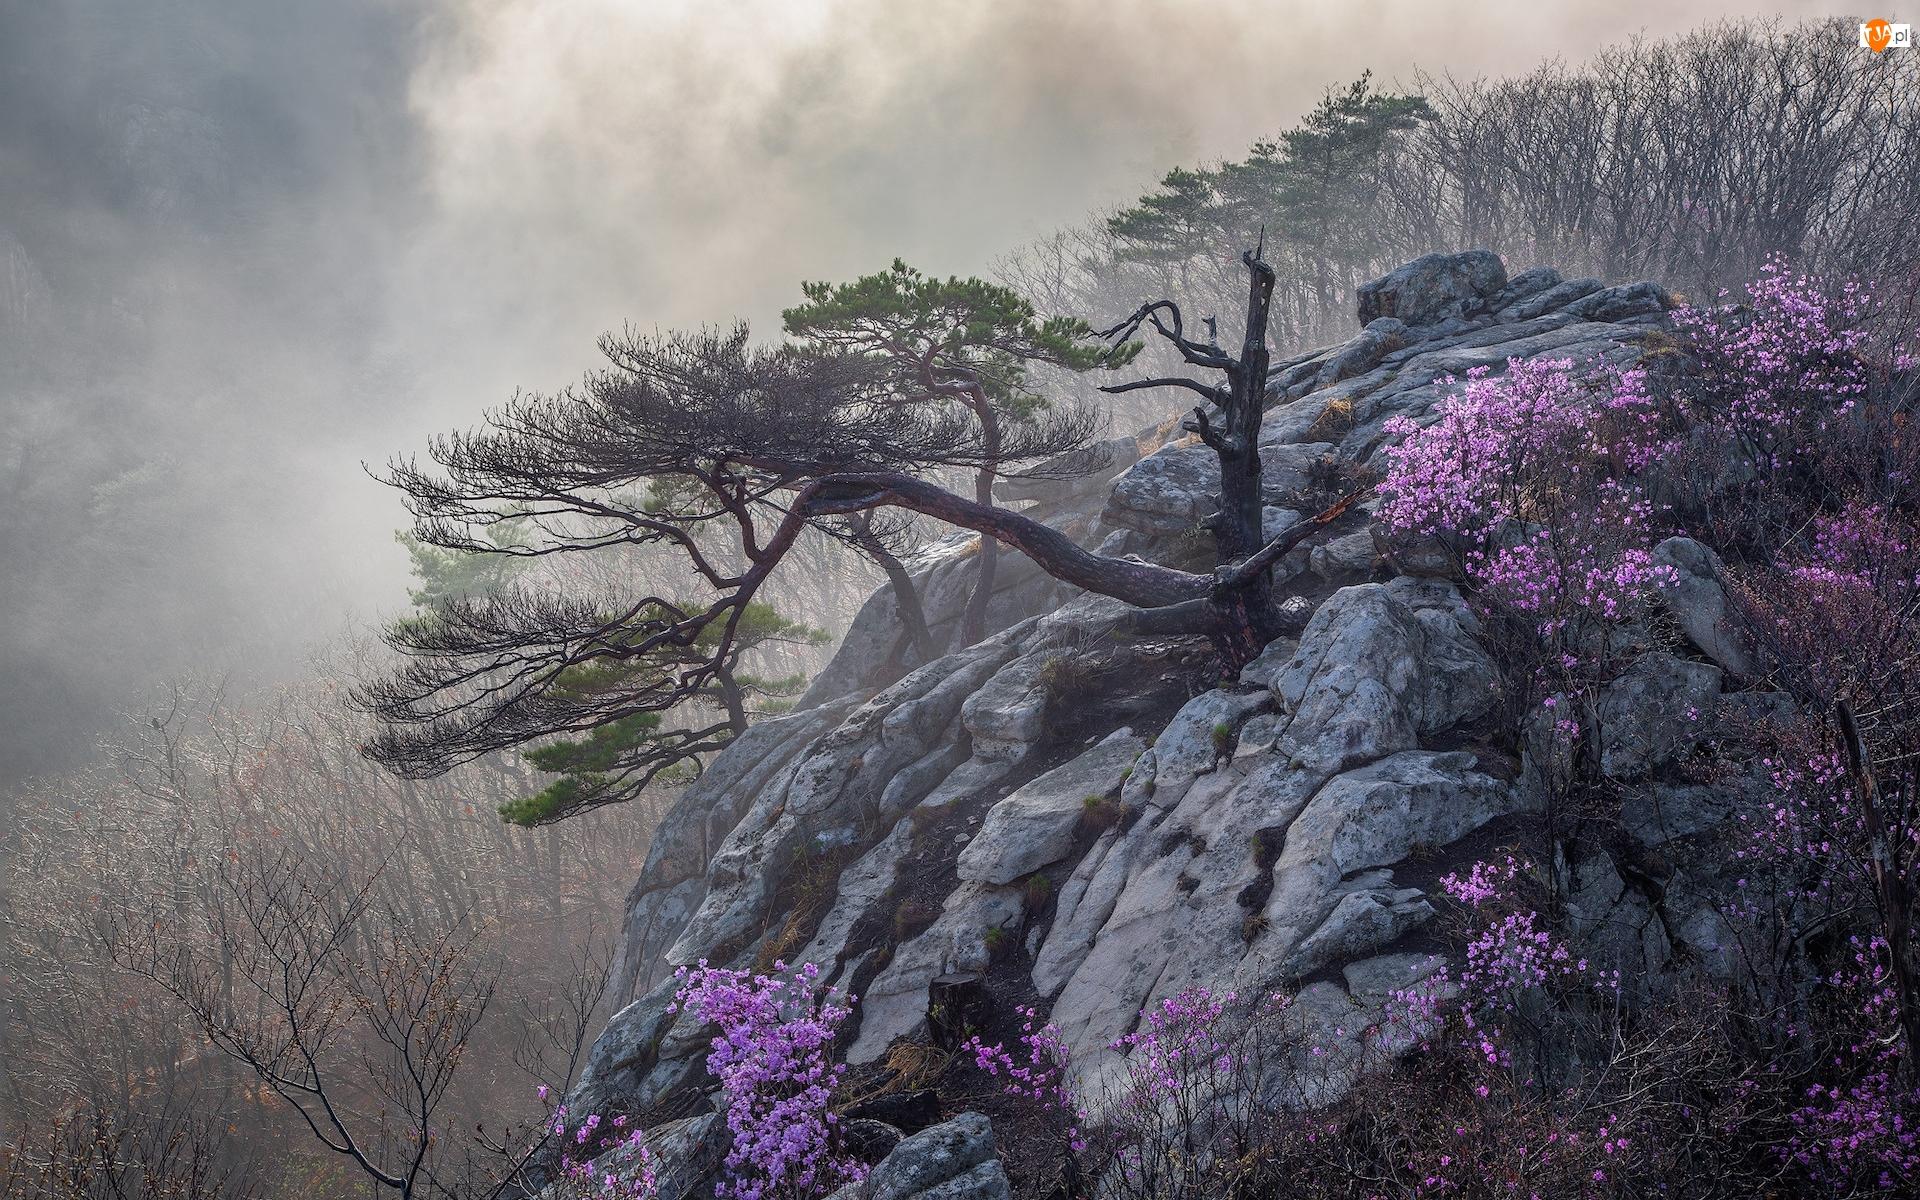 Sosna, Kwiaty, Mgła, Skały, Krzewy